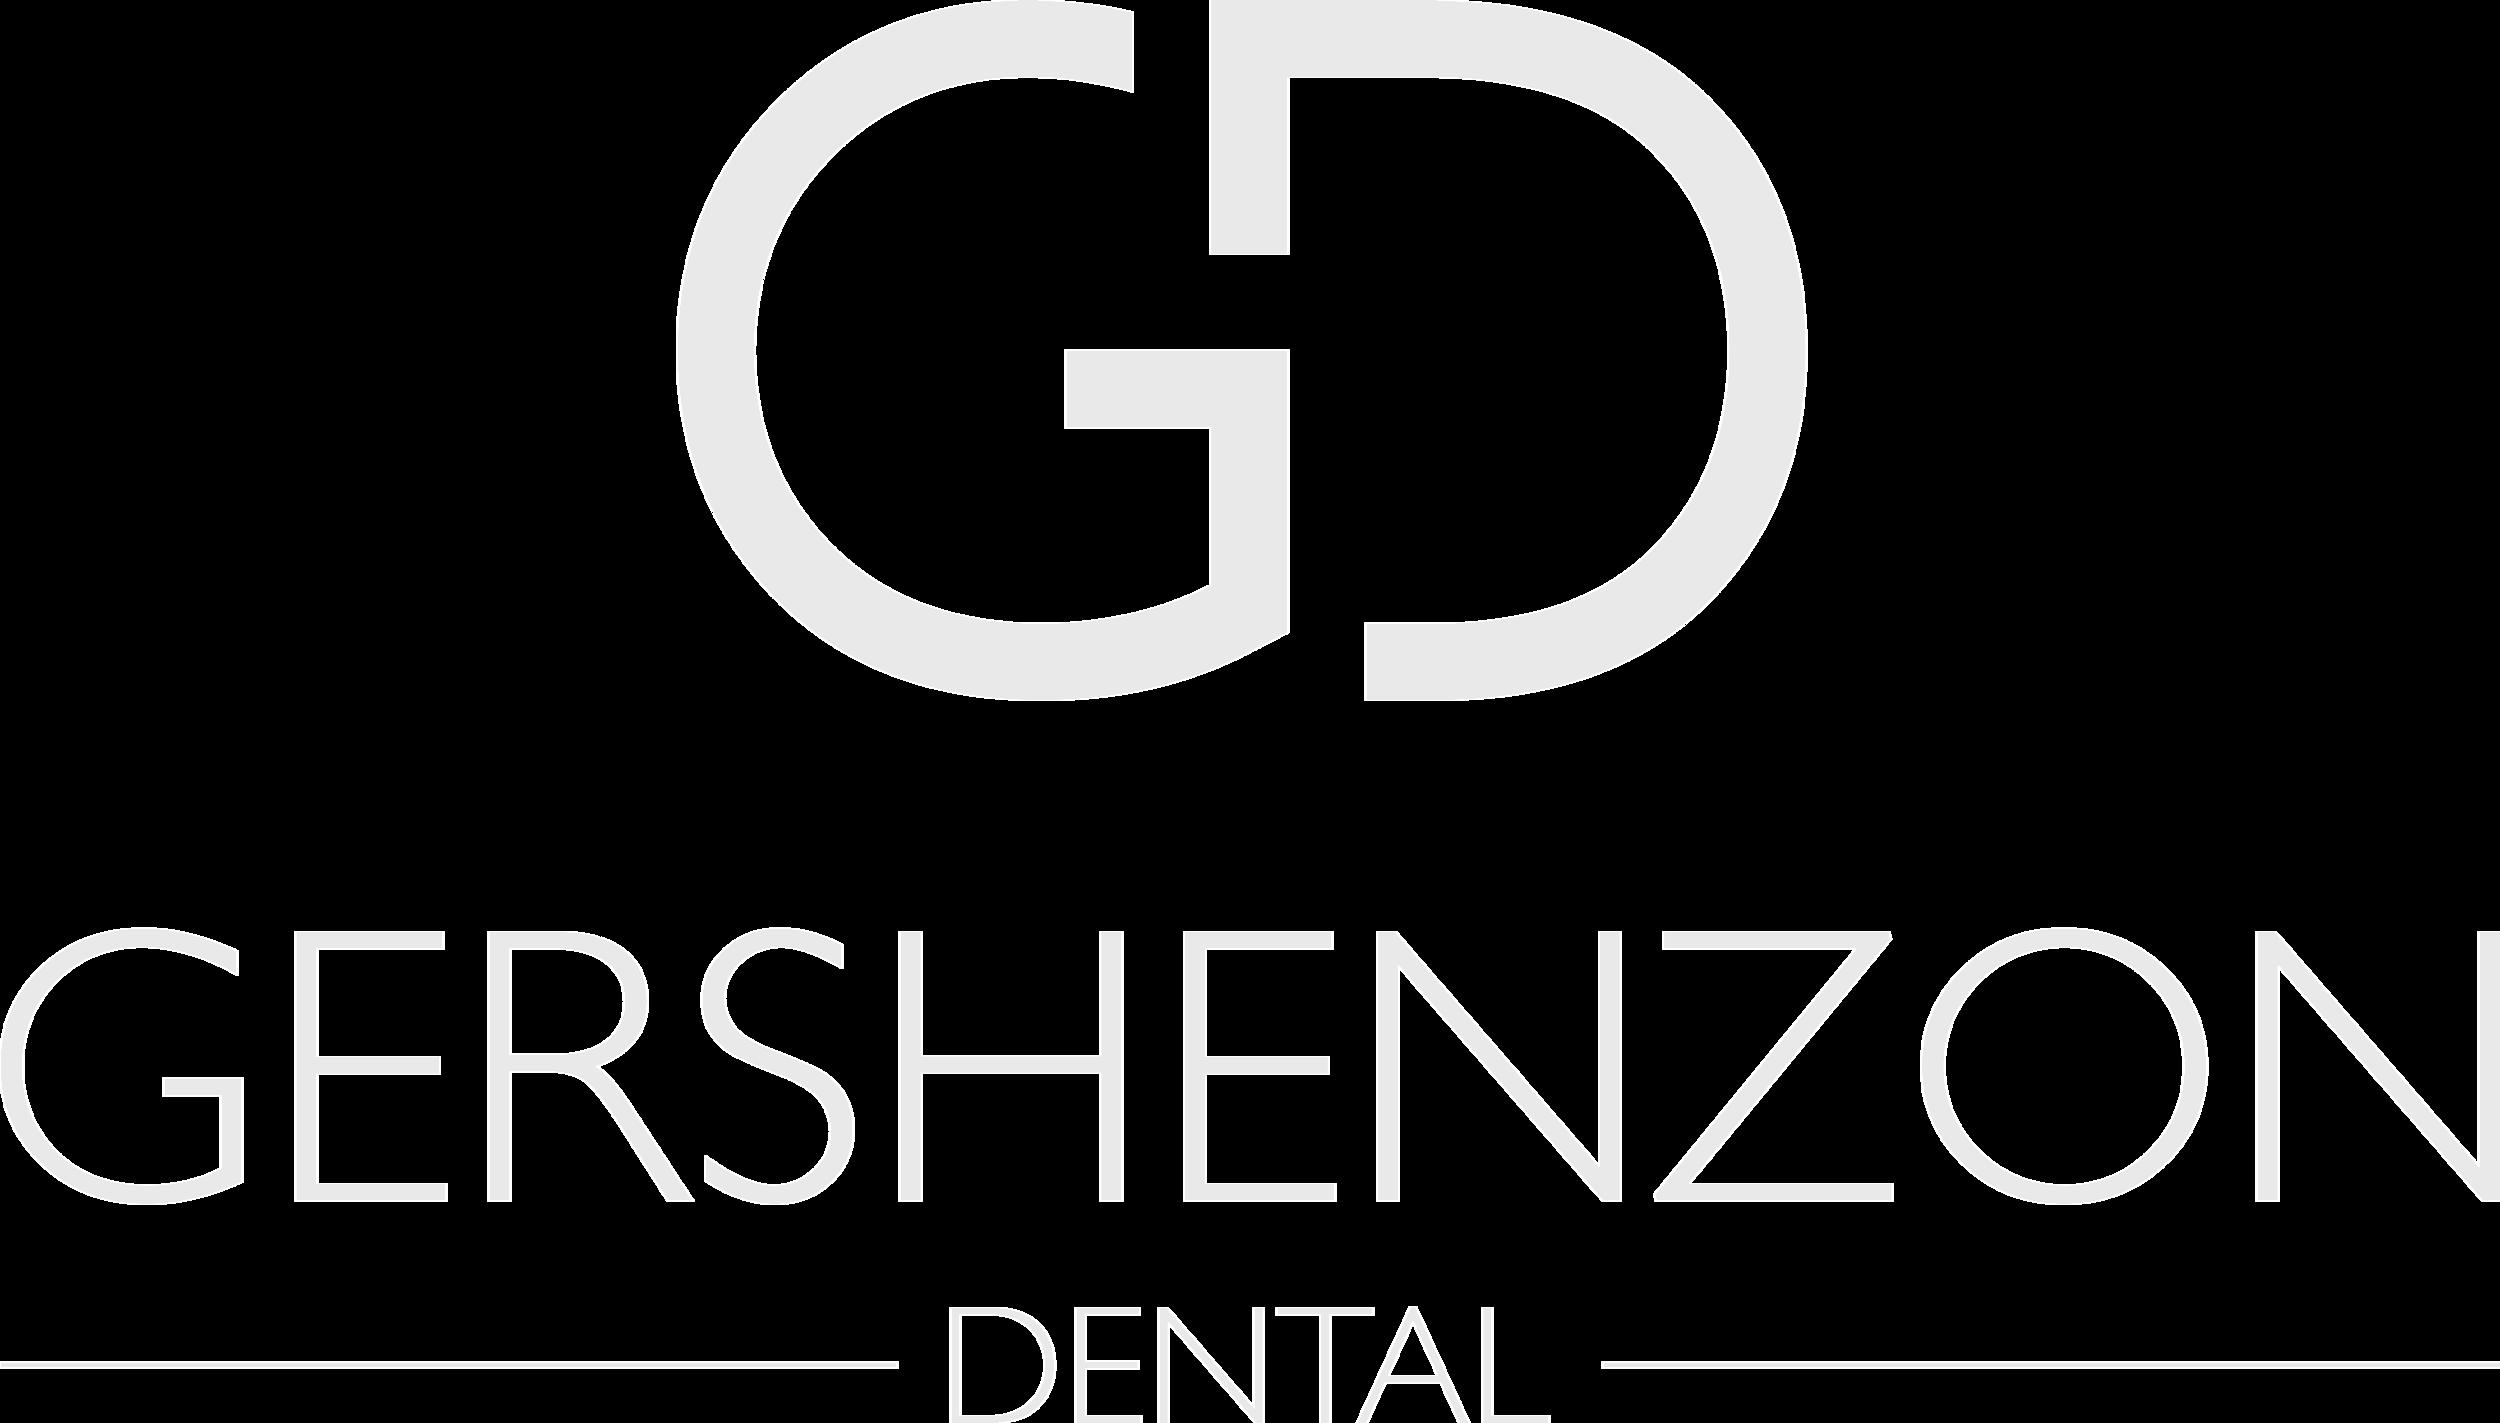 Gershenzon Dental Logo.png